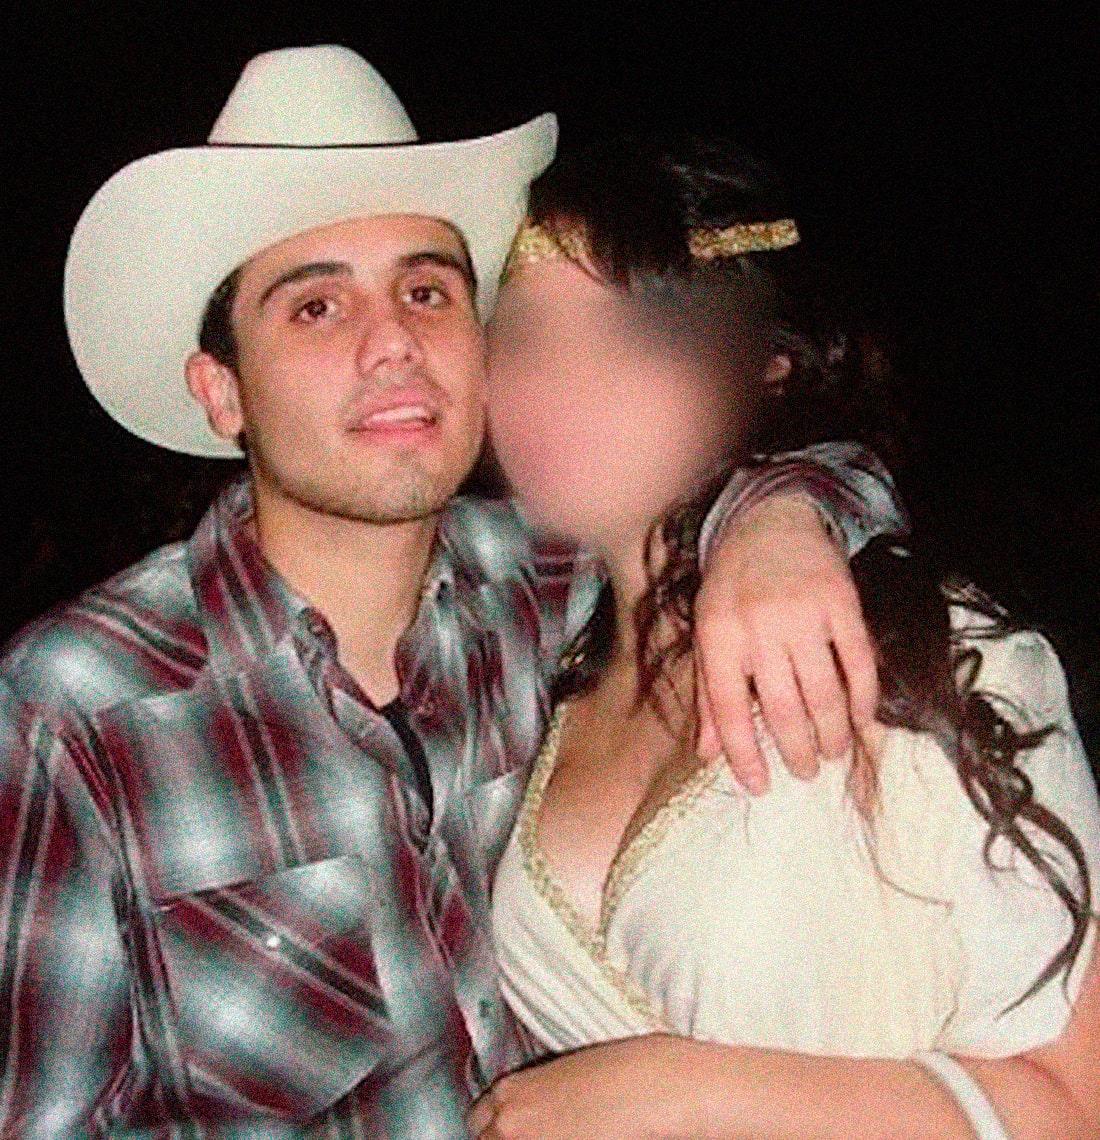 """Escándalo en México: El hijo de """"El Chapo"""" ordenó la liberación de su novia, arrestada con dos kilos de cocaína"""